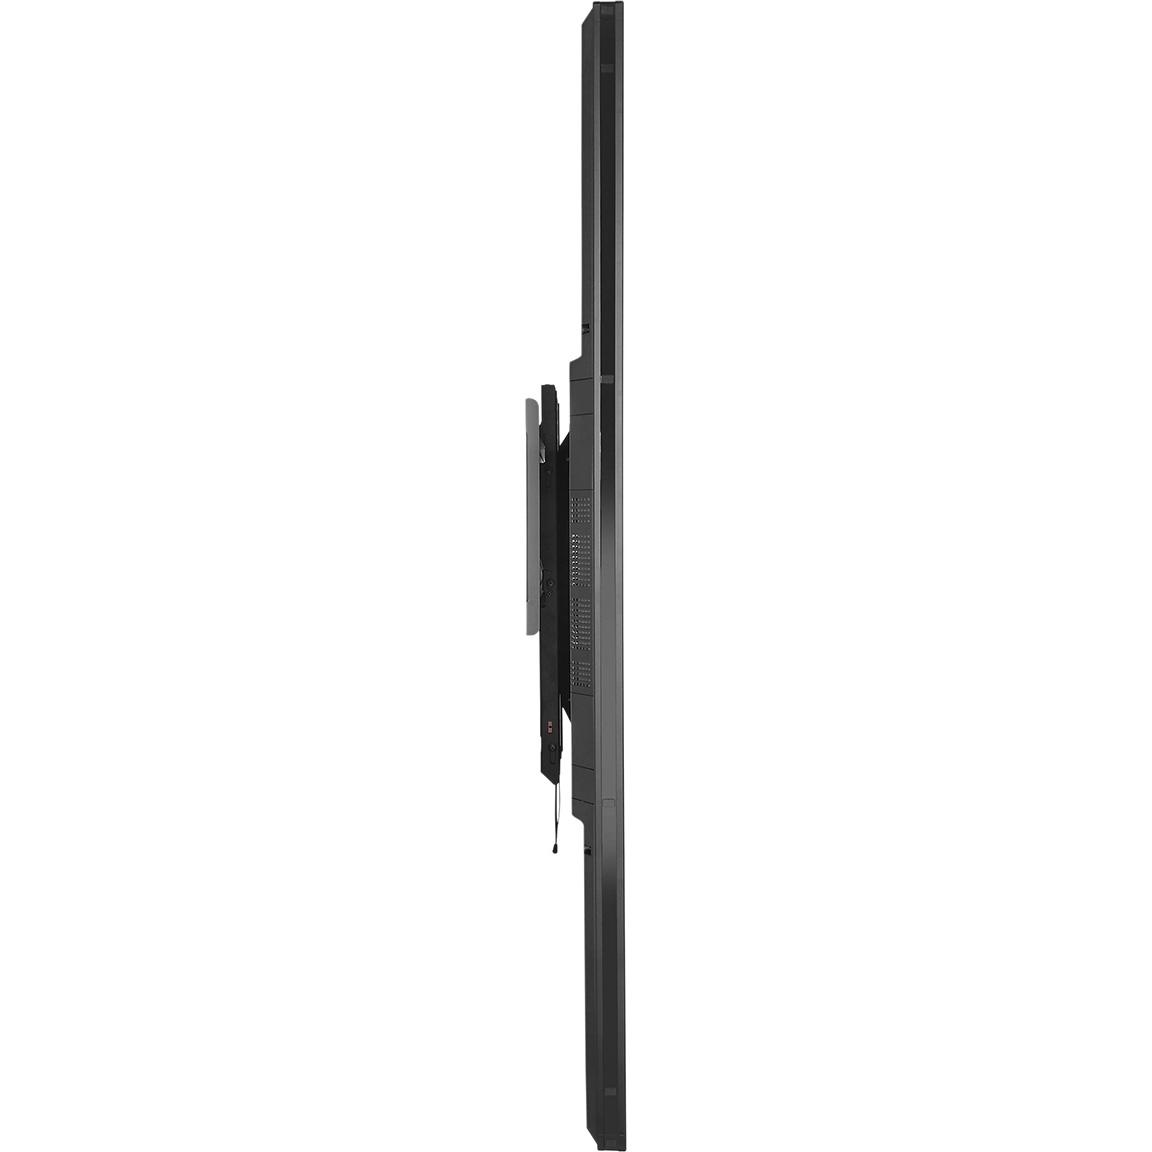 Peerless-AV SFP680 - Универсальное плоское настенное крепление серии SmartMount для ЖК-дисплея (46-90'') в портретной ориентации, макс. нагрузка 158 кг